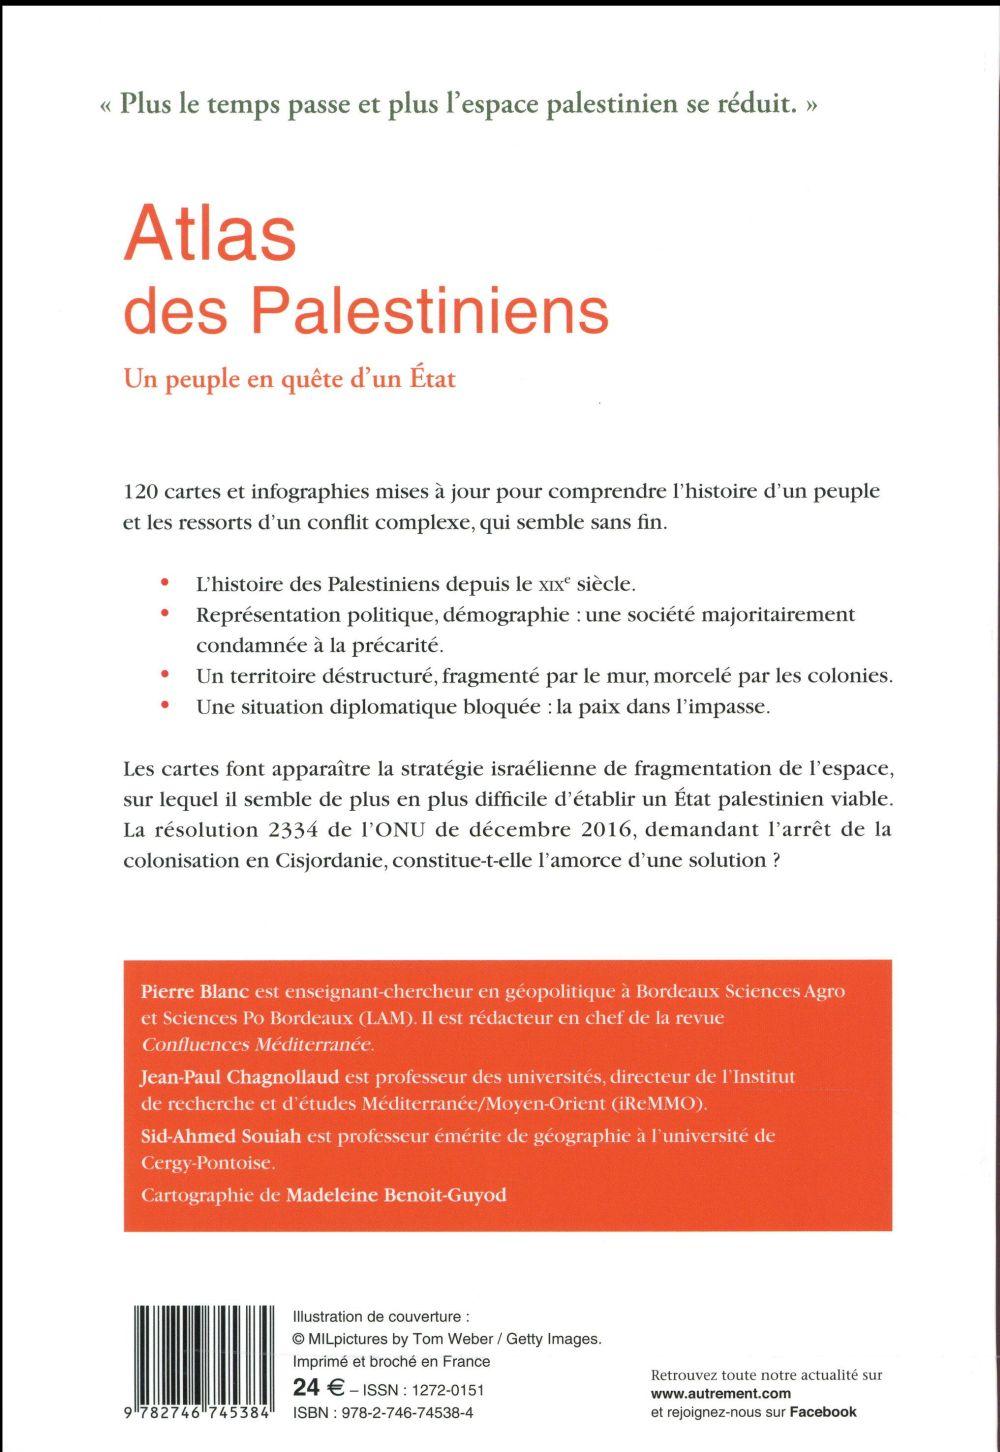 atlas des Palestiniens ; un peuple en quête d'un Etat (édition 2017)